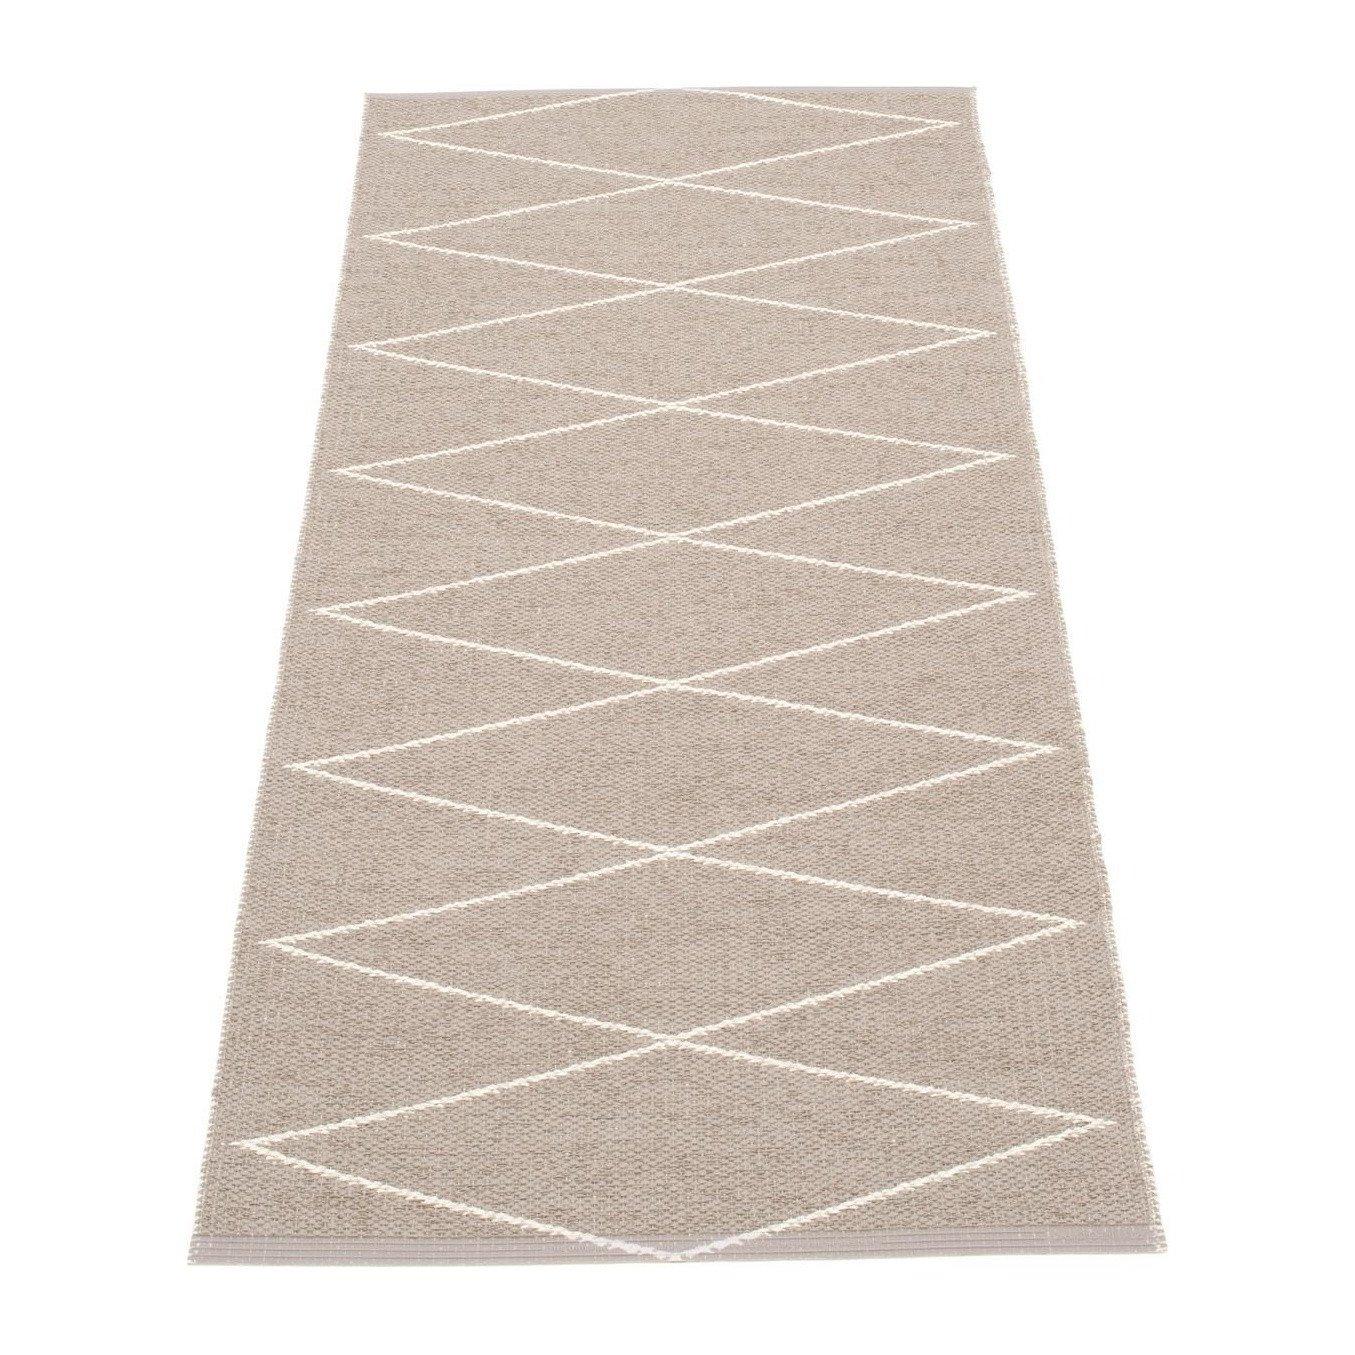 max tapis pour l 39 ext rieur 160x70cm pappelina. Black Bedroom Furniture Sets. Home Design Ideas